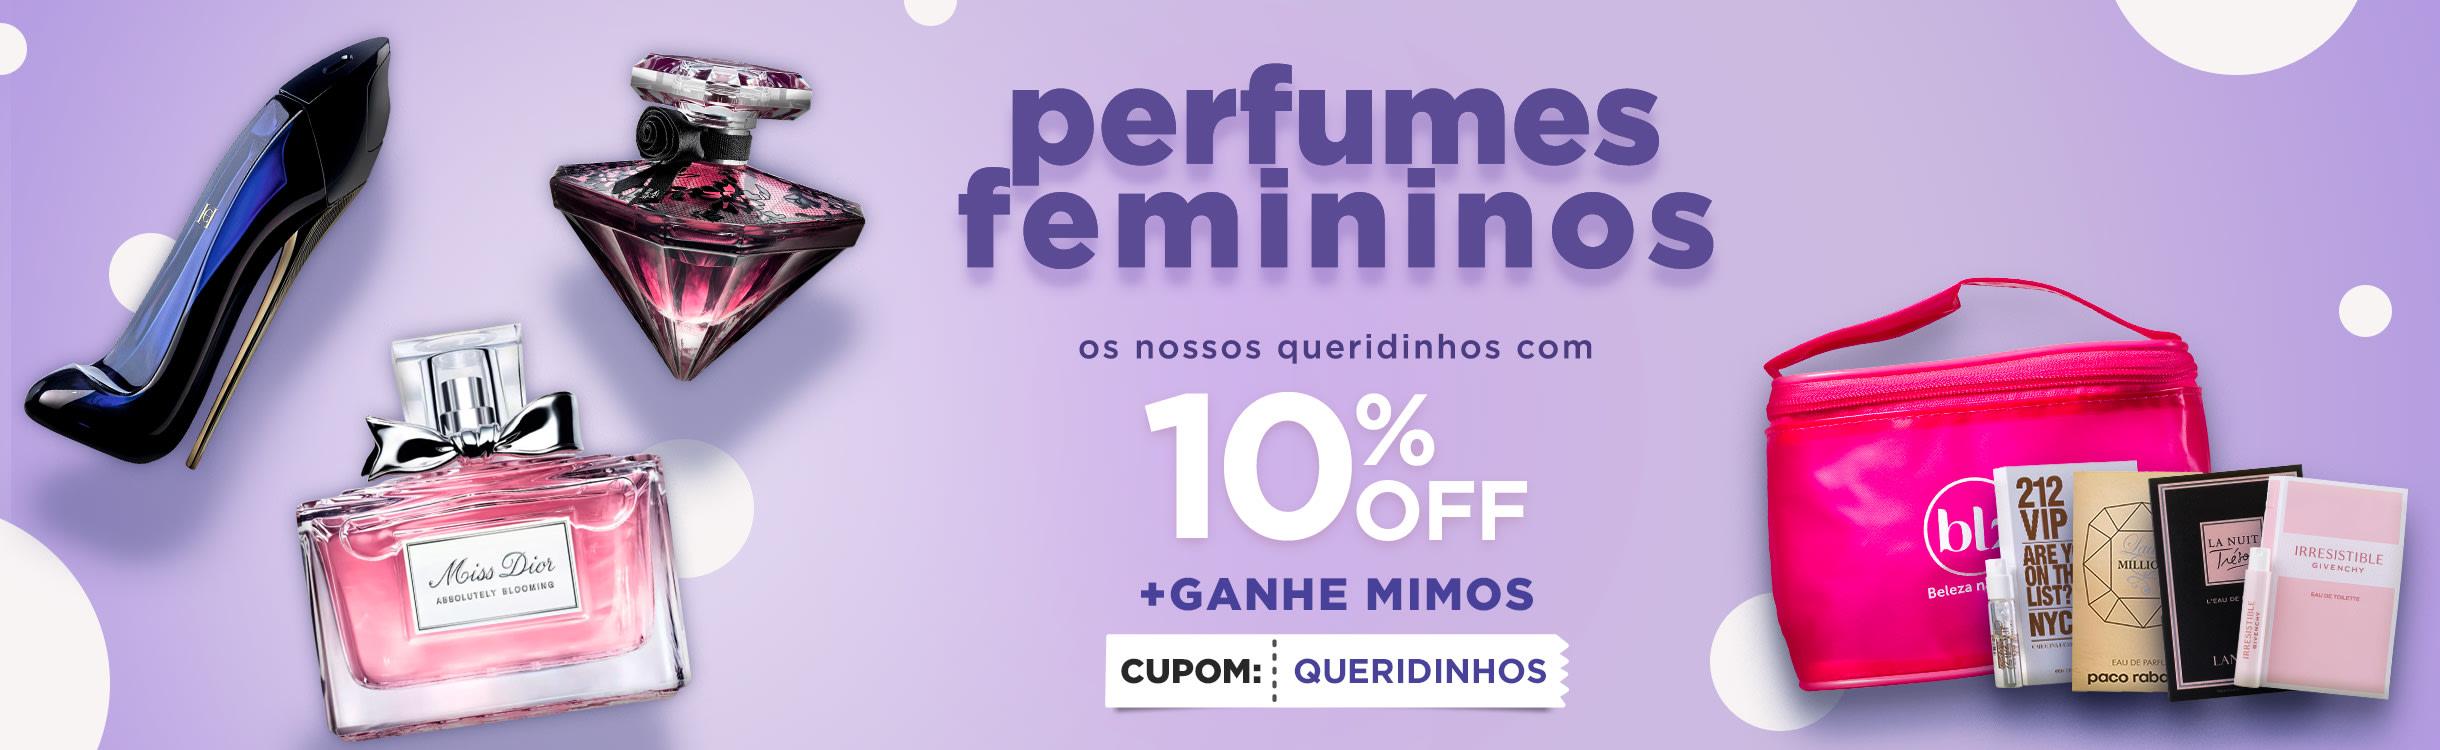 Perfumes e Perfumaria Femininos